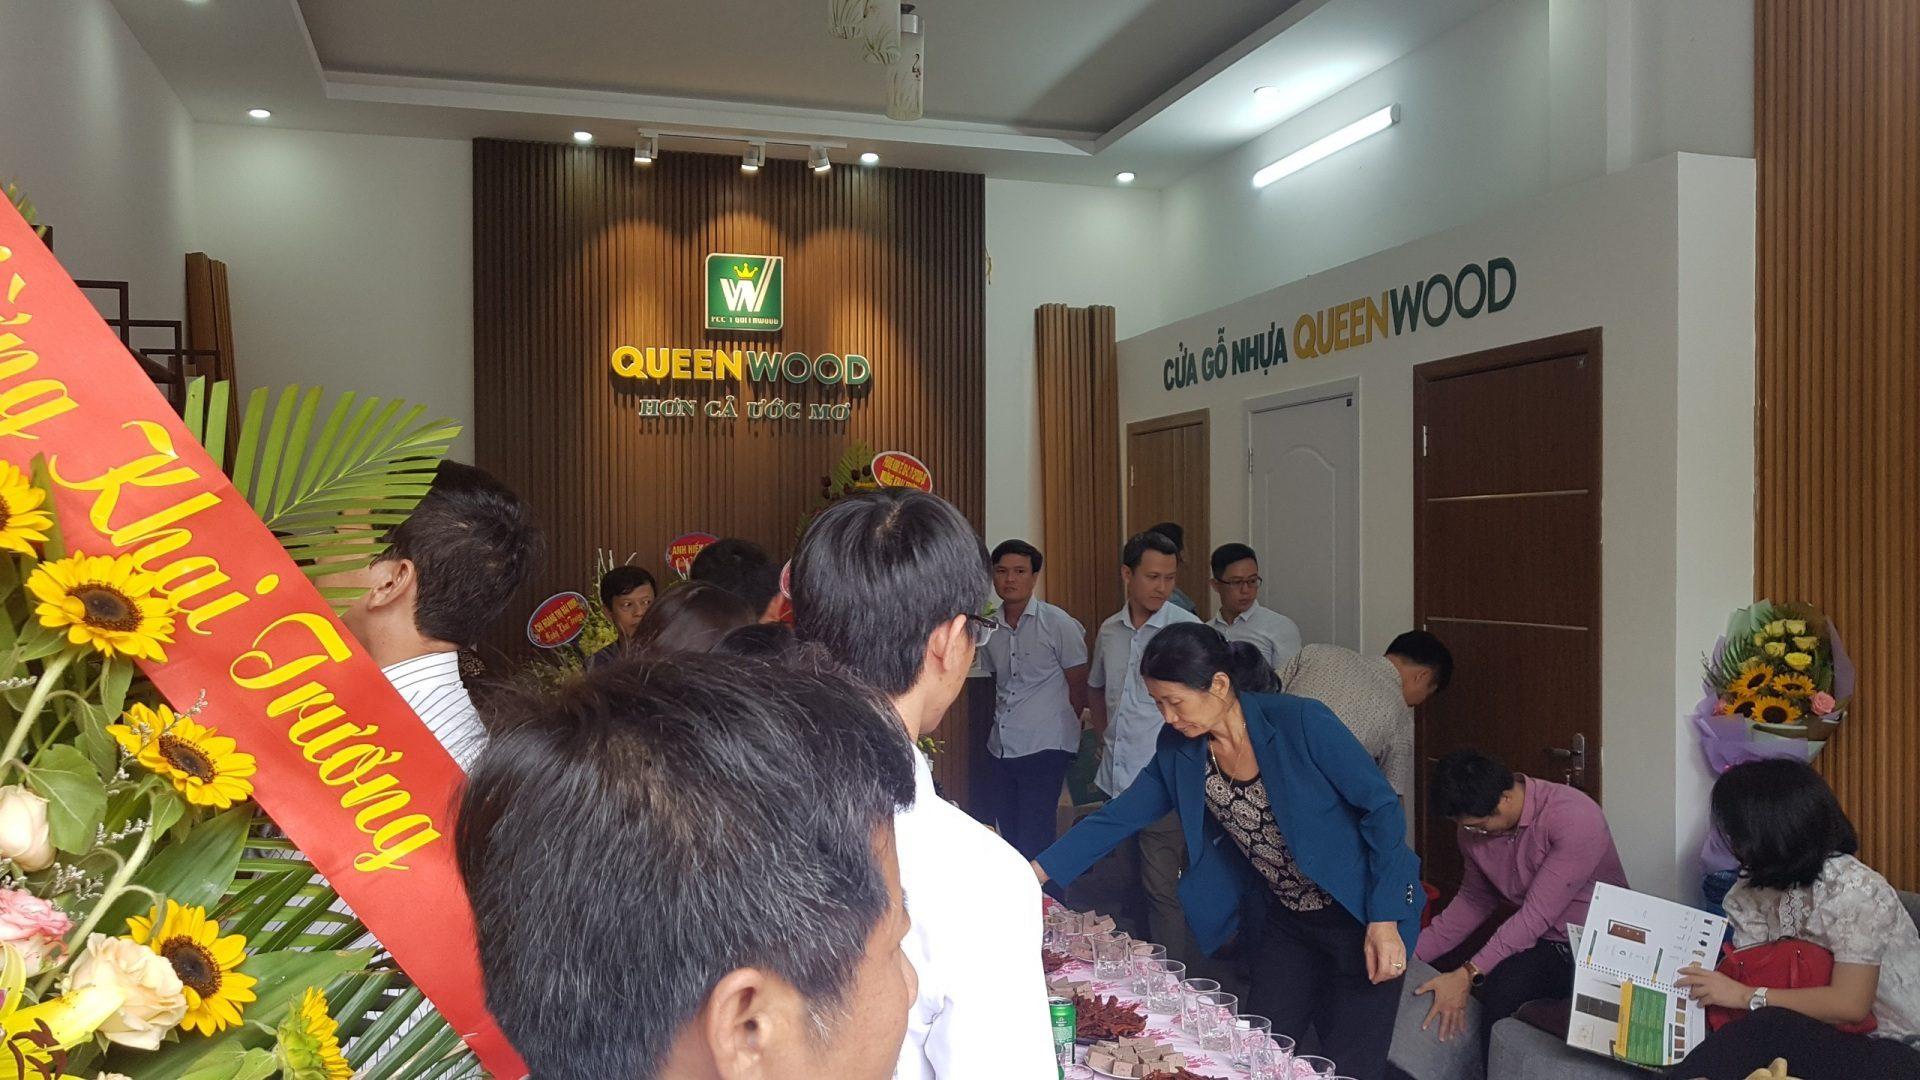 Khai truong showroom queen wood